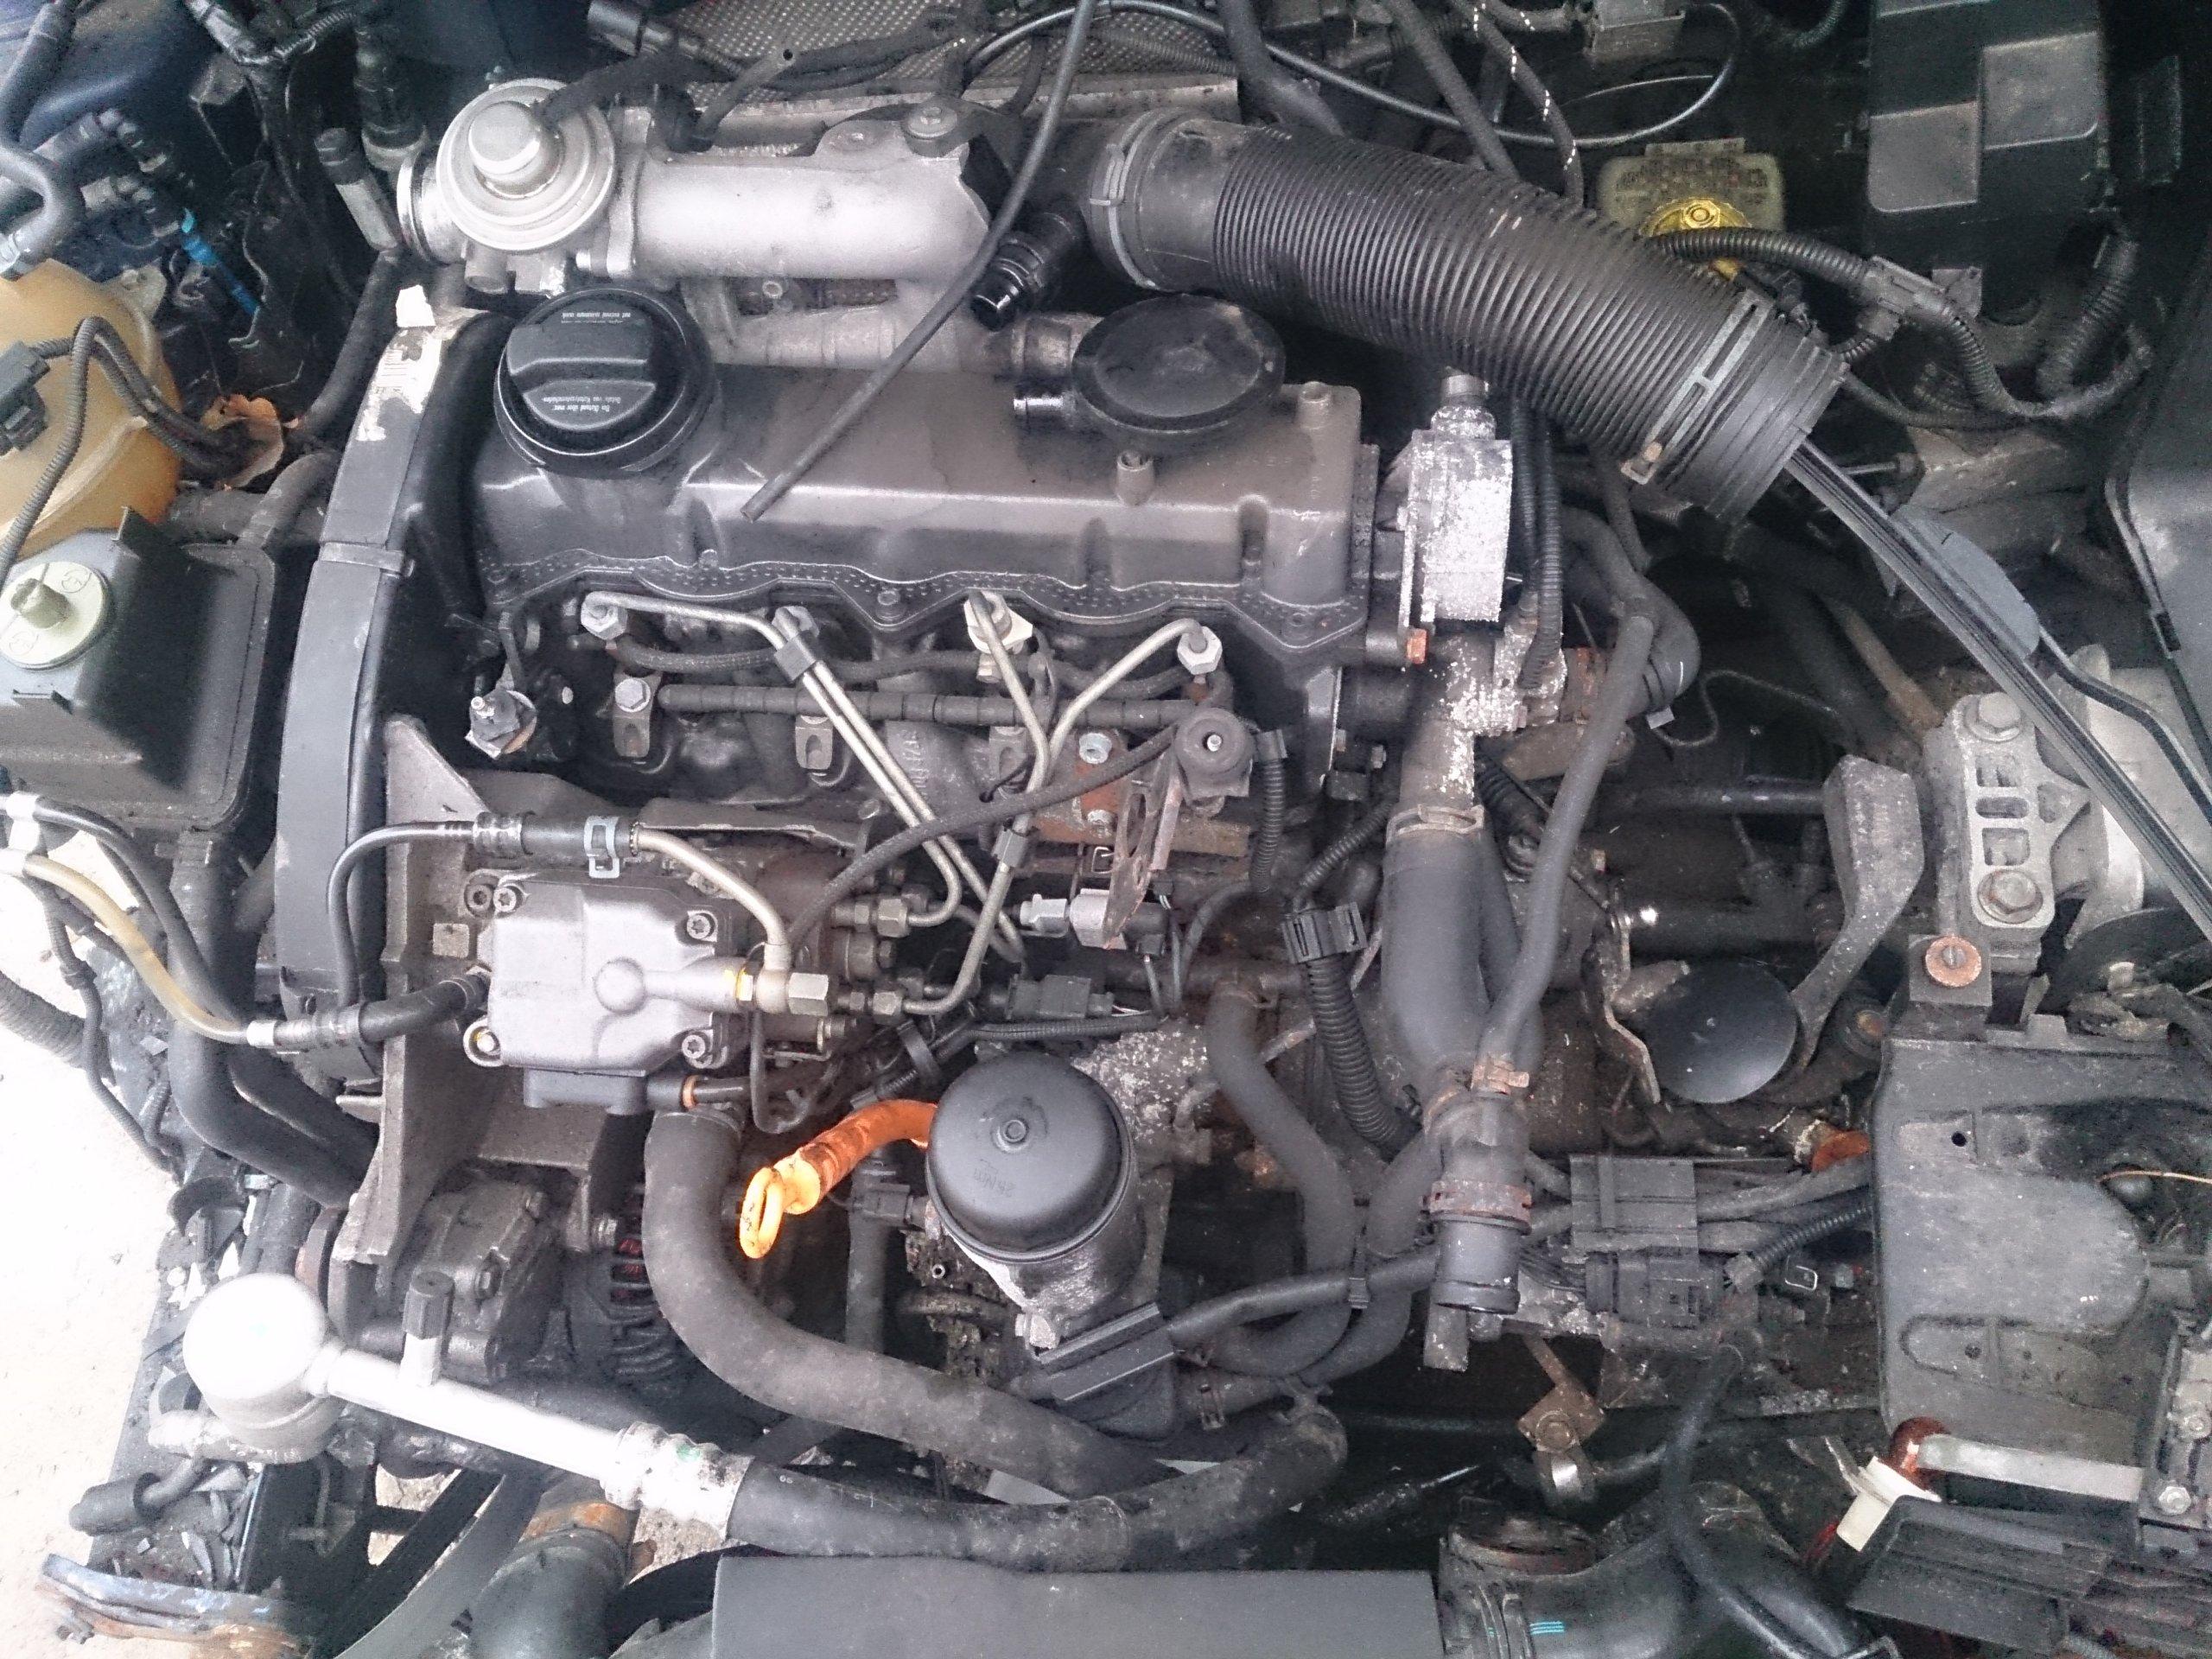 Audi A3 Agr W Oficjalnym Archiwum Allegro Strona 4 Archiwum Ofert